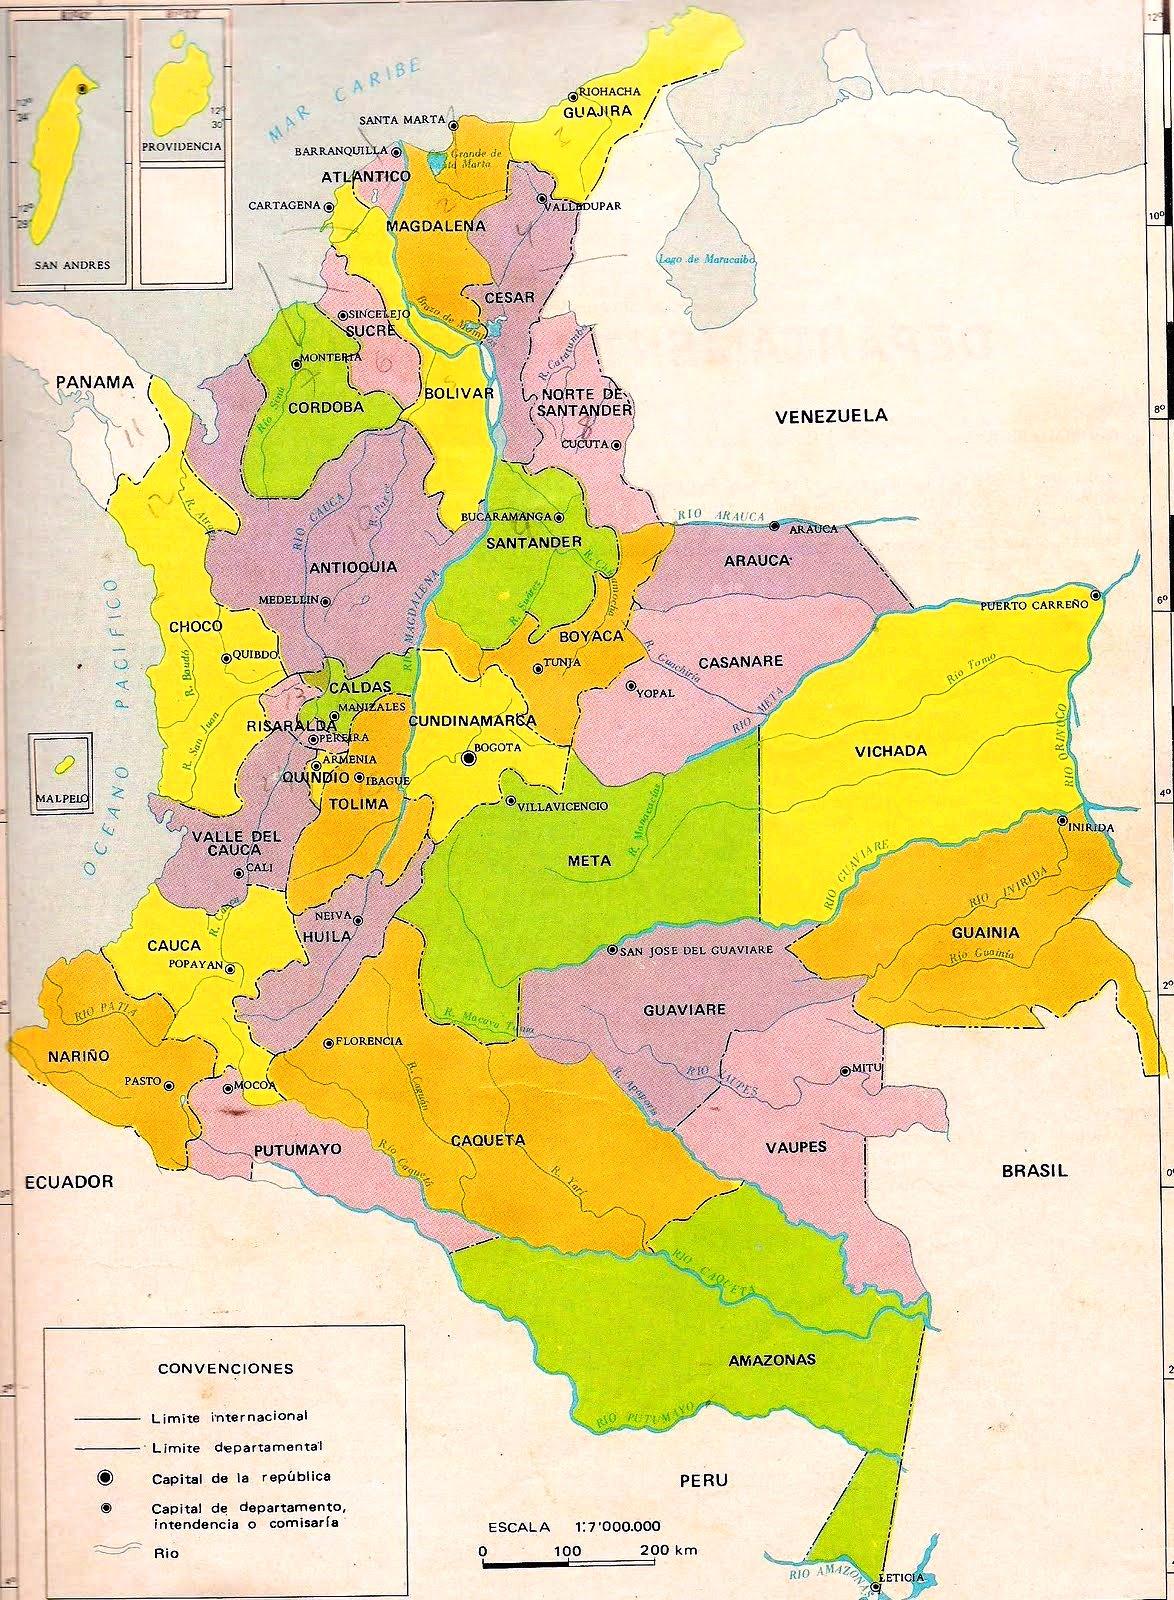 Mapa poltico de Colombia Mapa de Colombia